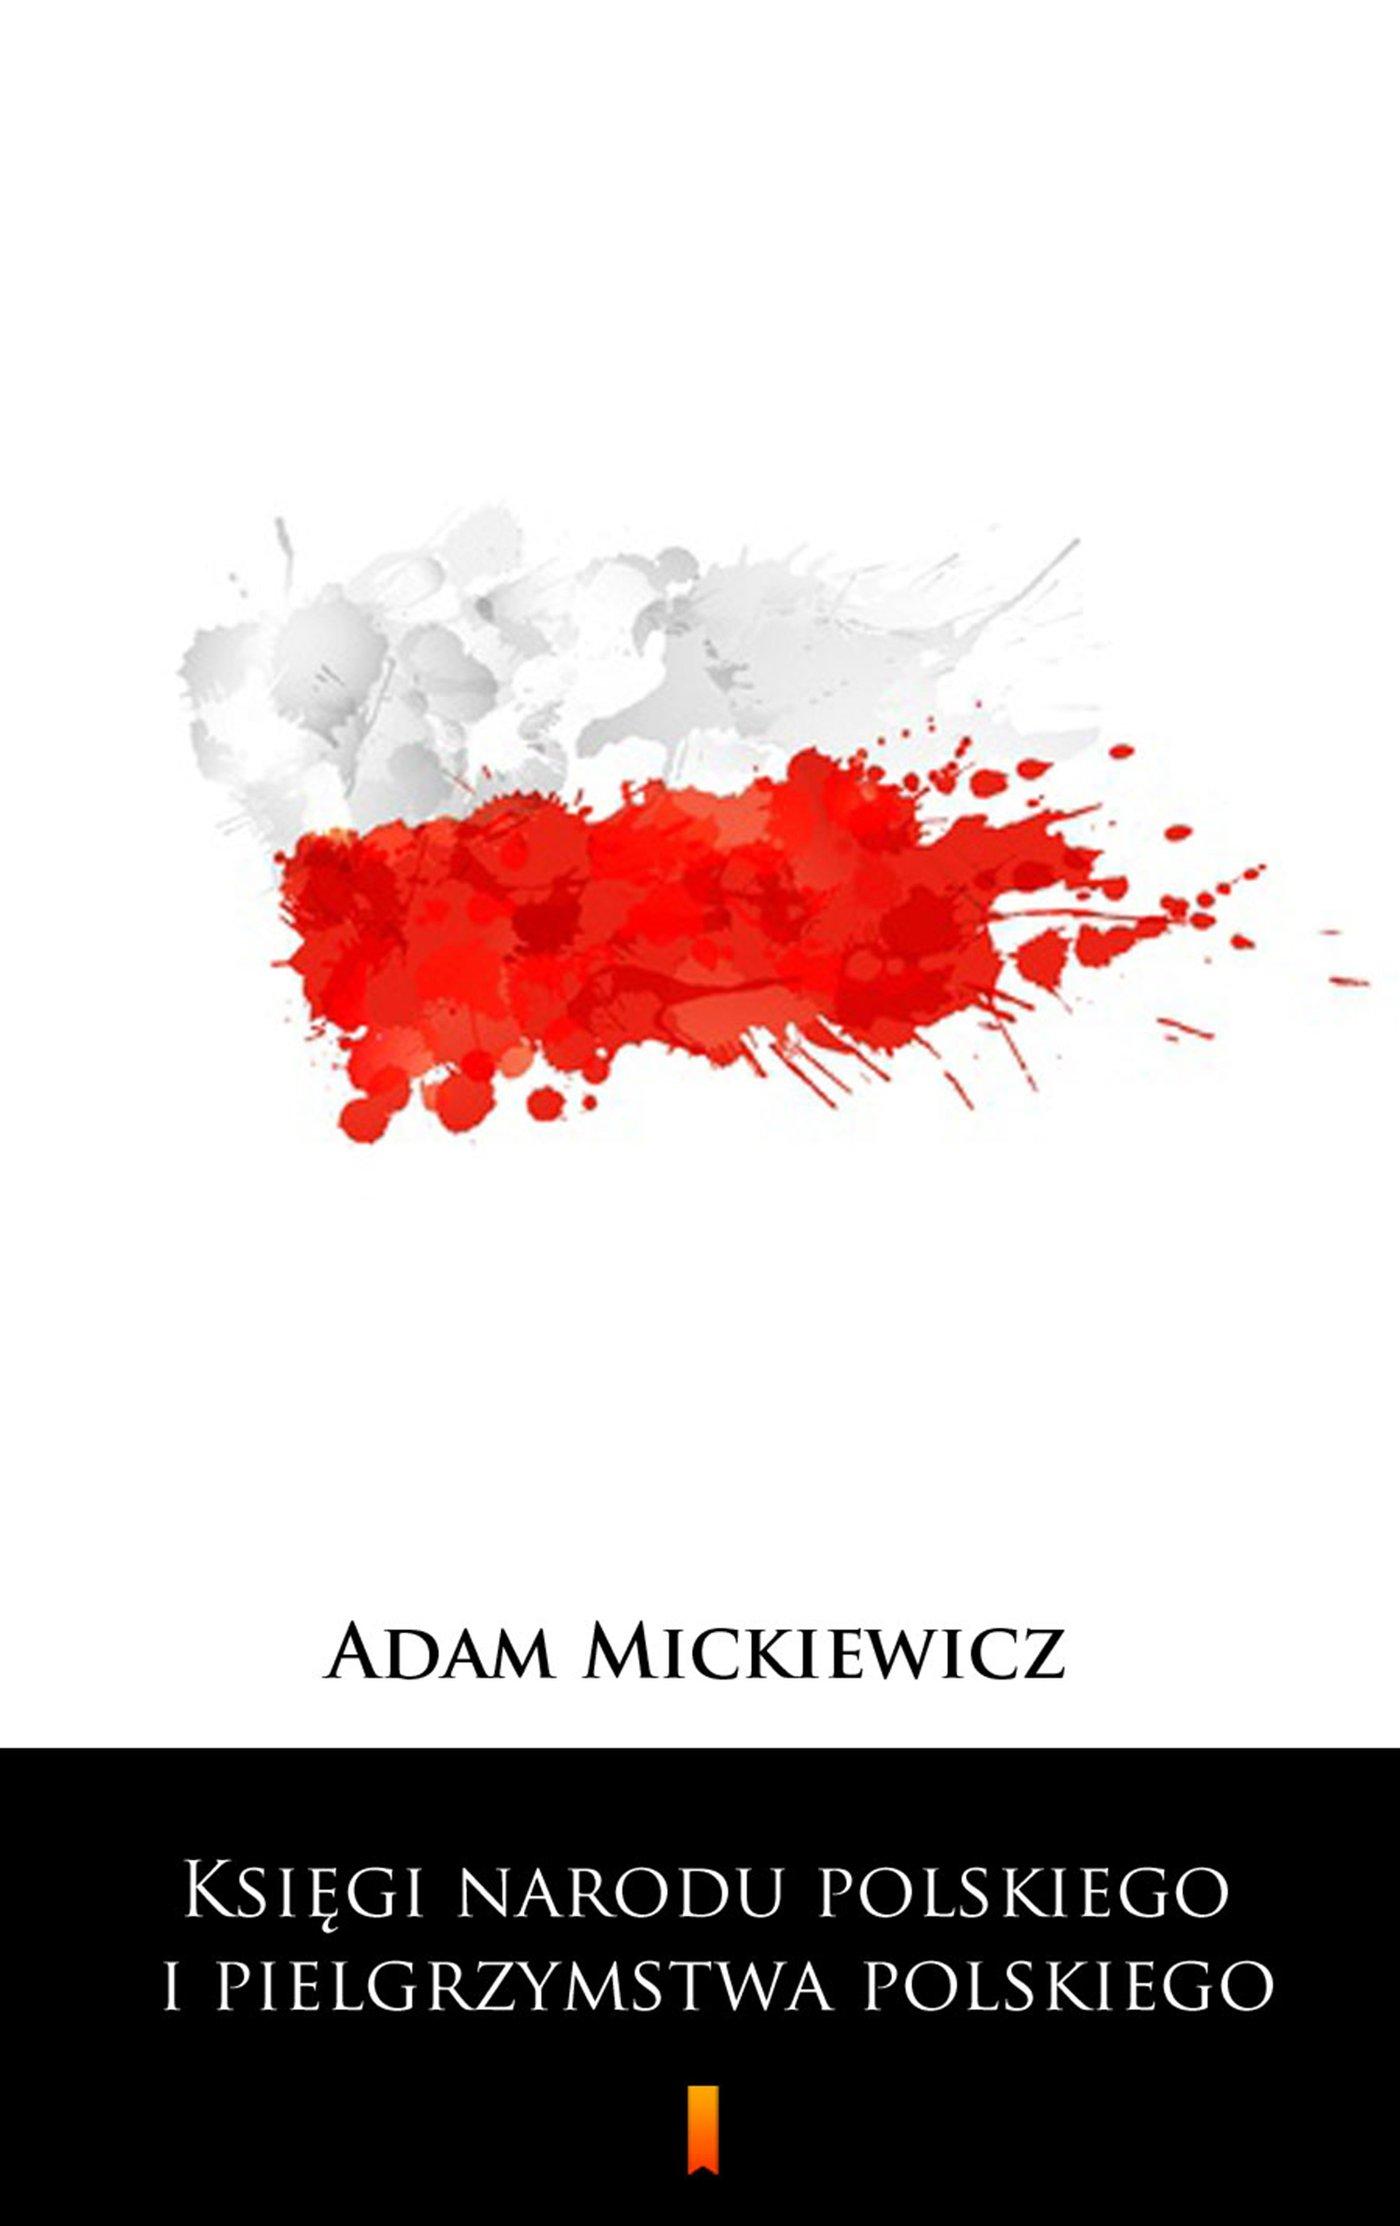 Księgi narodu polskiego i pielgrzymstwa polskiego - Ebook (Książka na Kindle) do pobrania w formacie MOBI